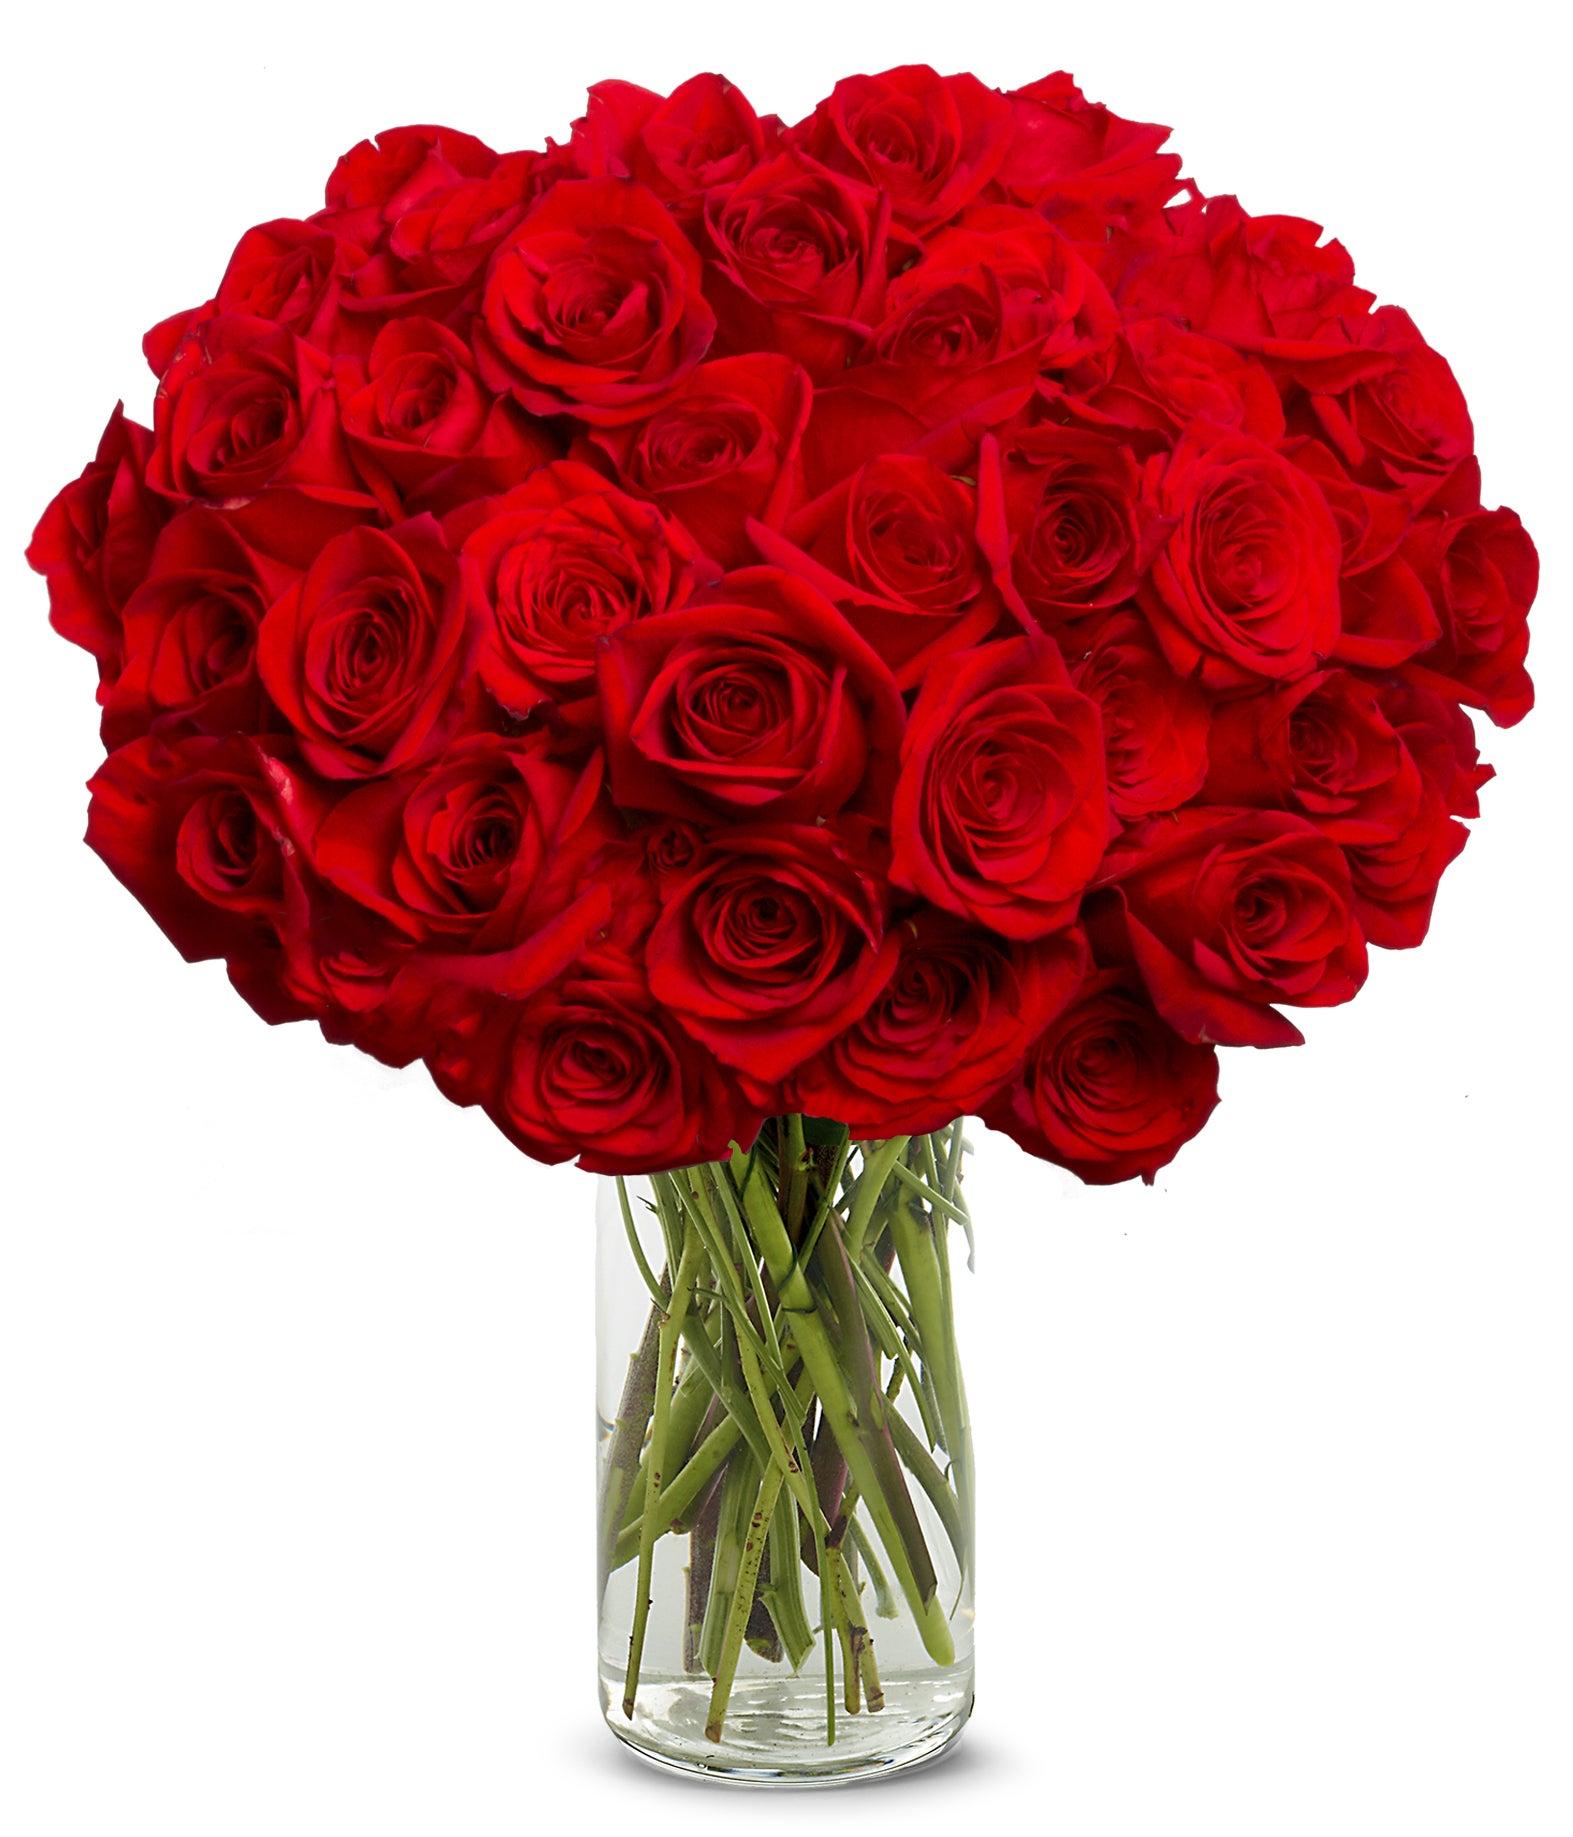 50 Stunning Long Stemmed Red Roses